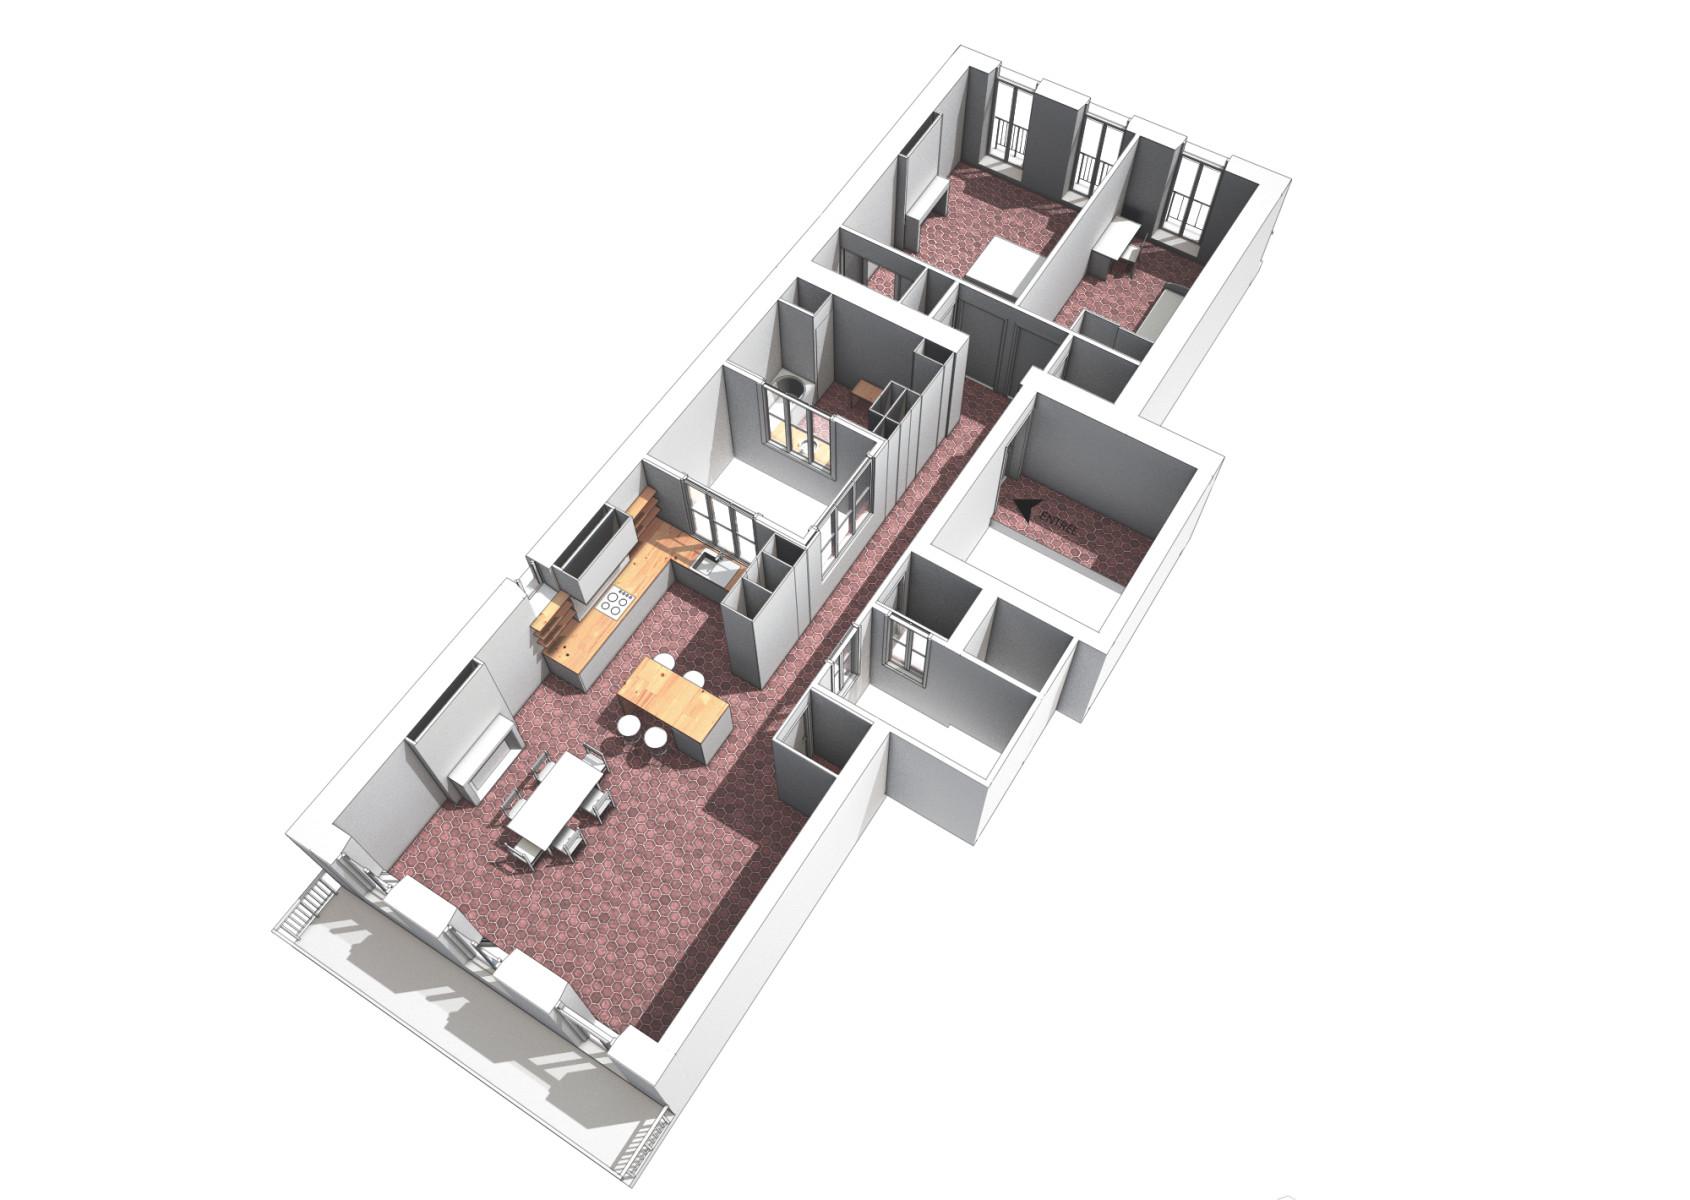 Axonométrie appartement Bd Chave